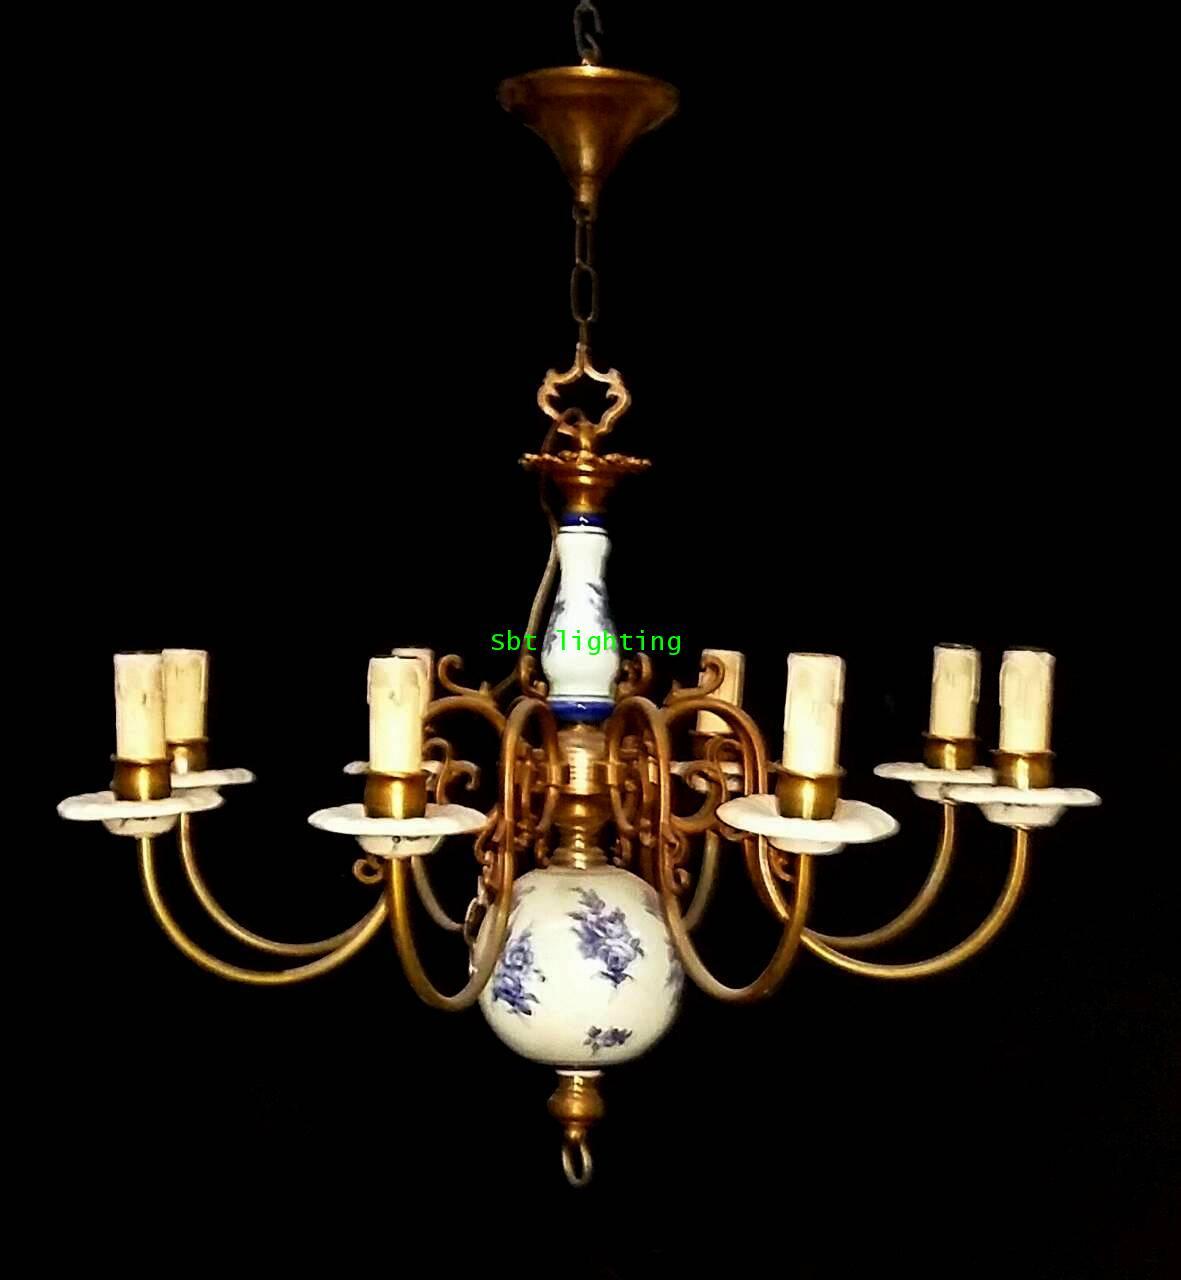 โคมไฟ Porcelain ยุโรปงานทองเหลืองเก่าเบลเยี่ยม